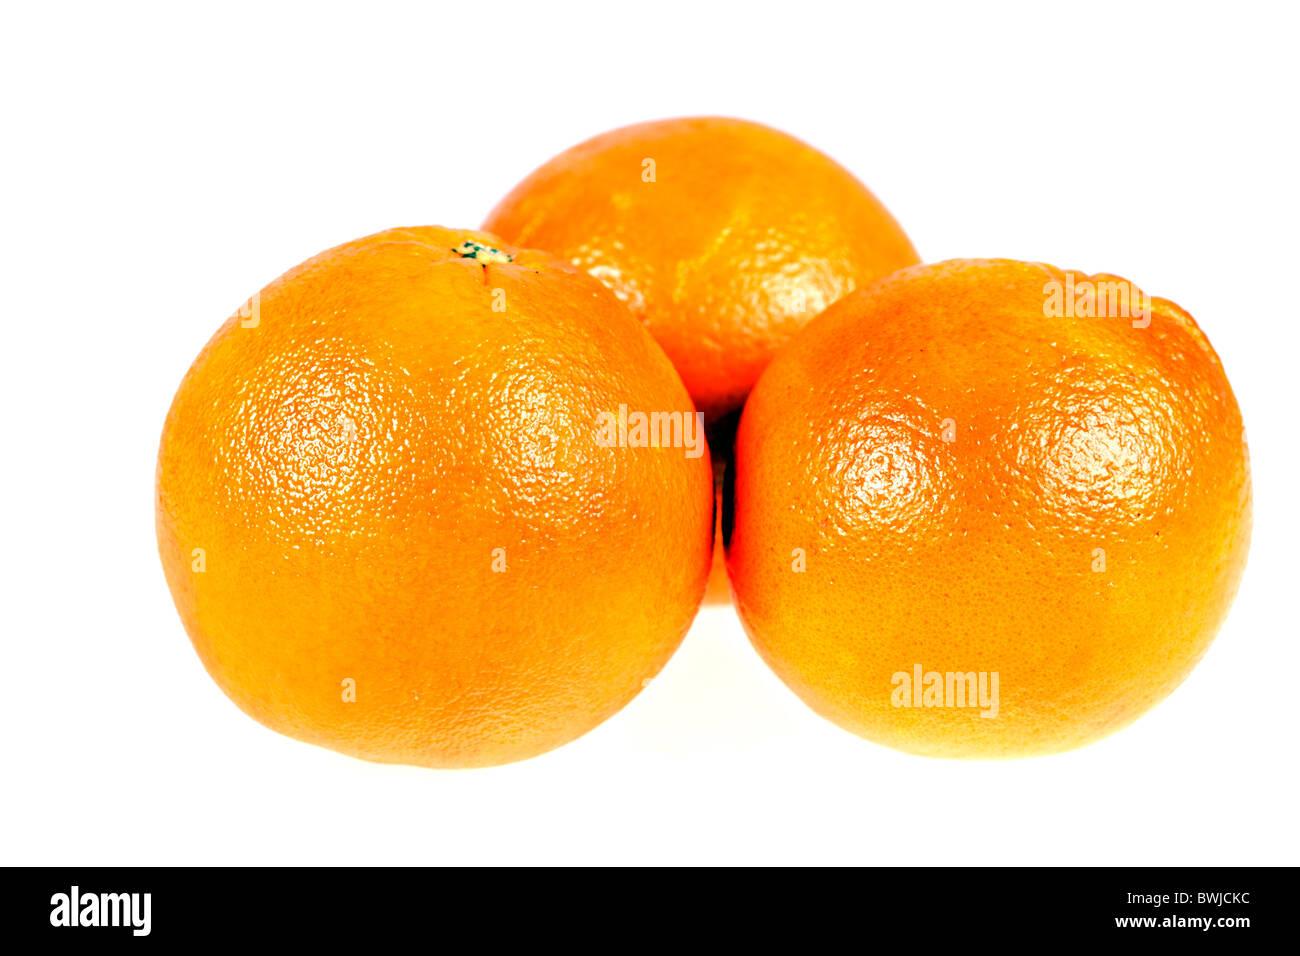 three juice oranges isolated on white background - Stock Image